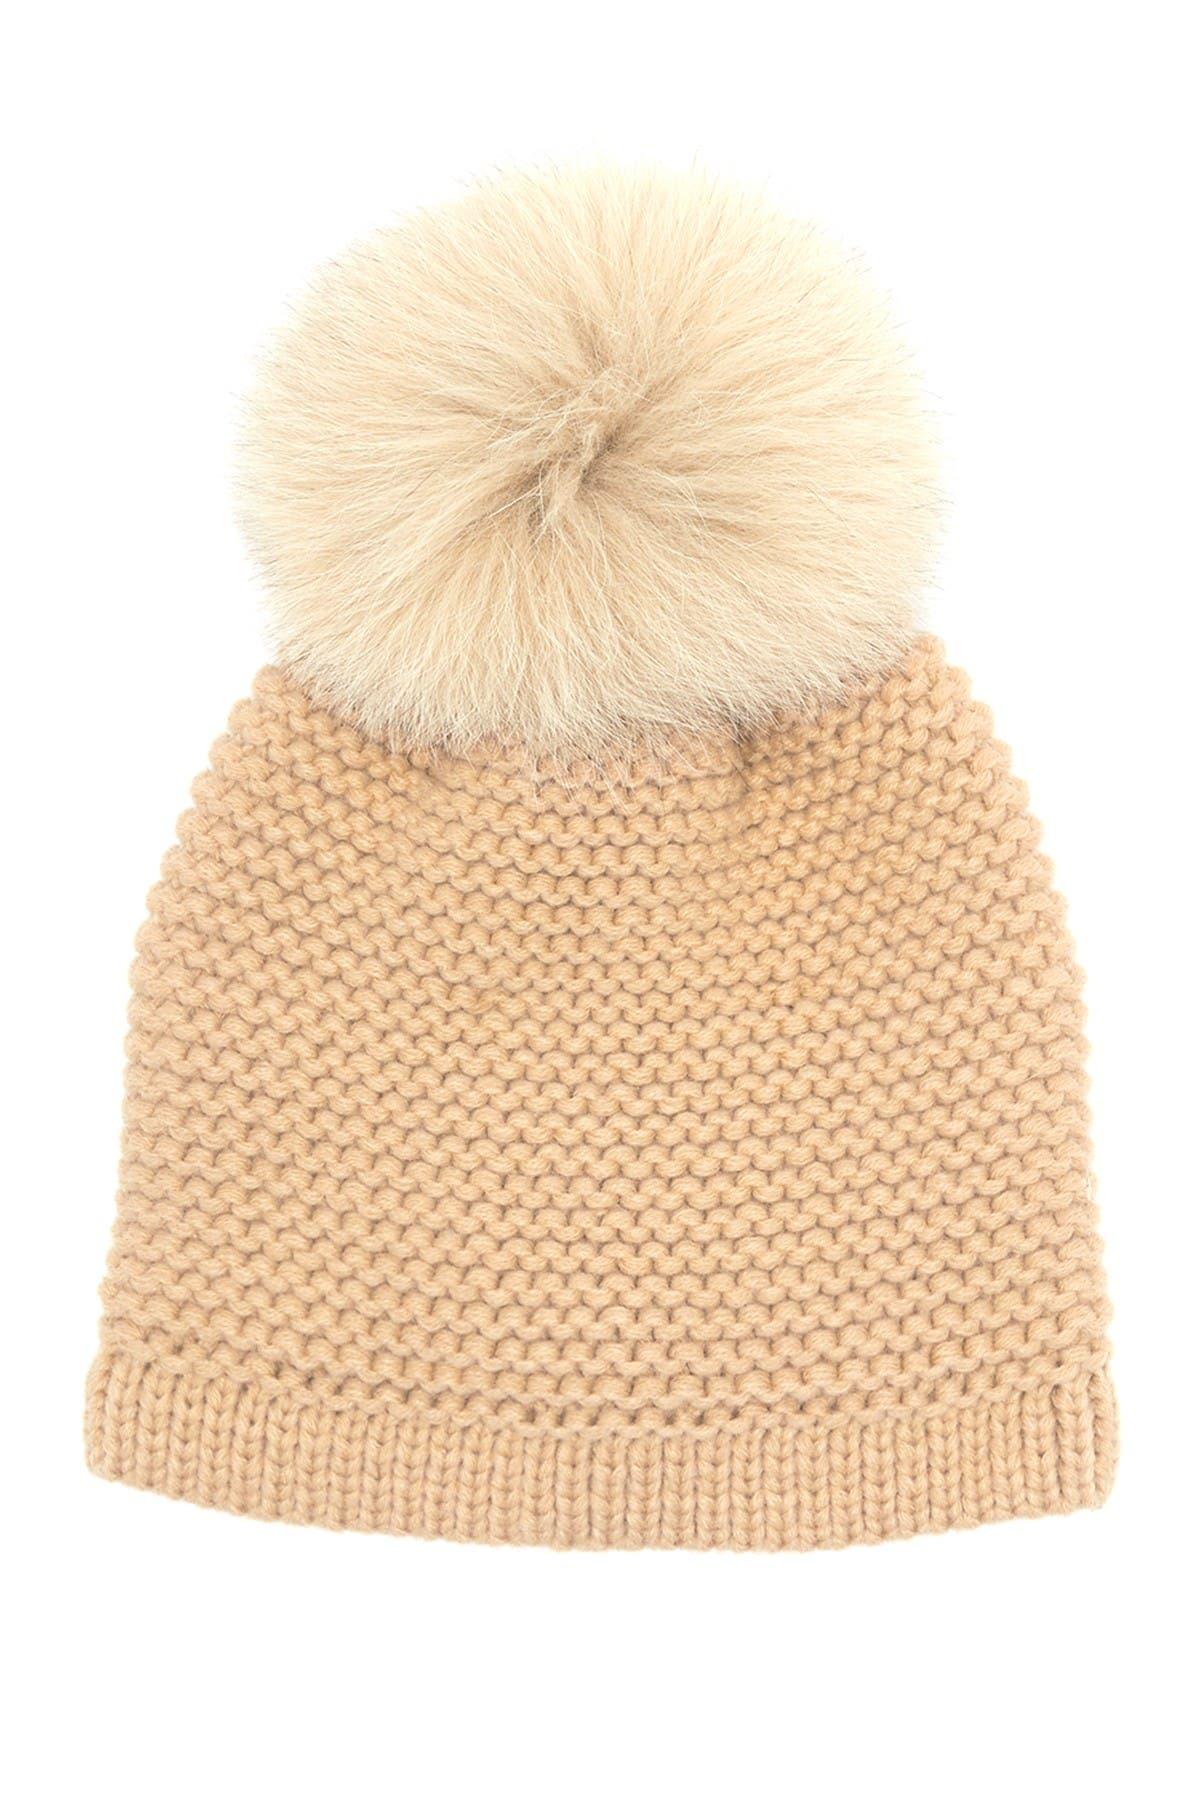 Image of Kyi Kyi Genuine Fox Fur Pompom Knit Beanie